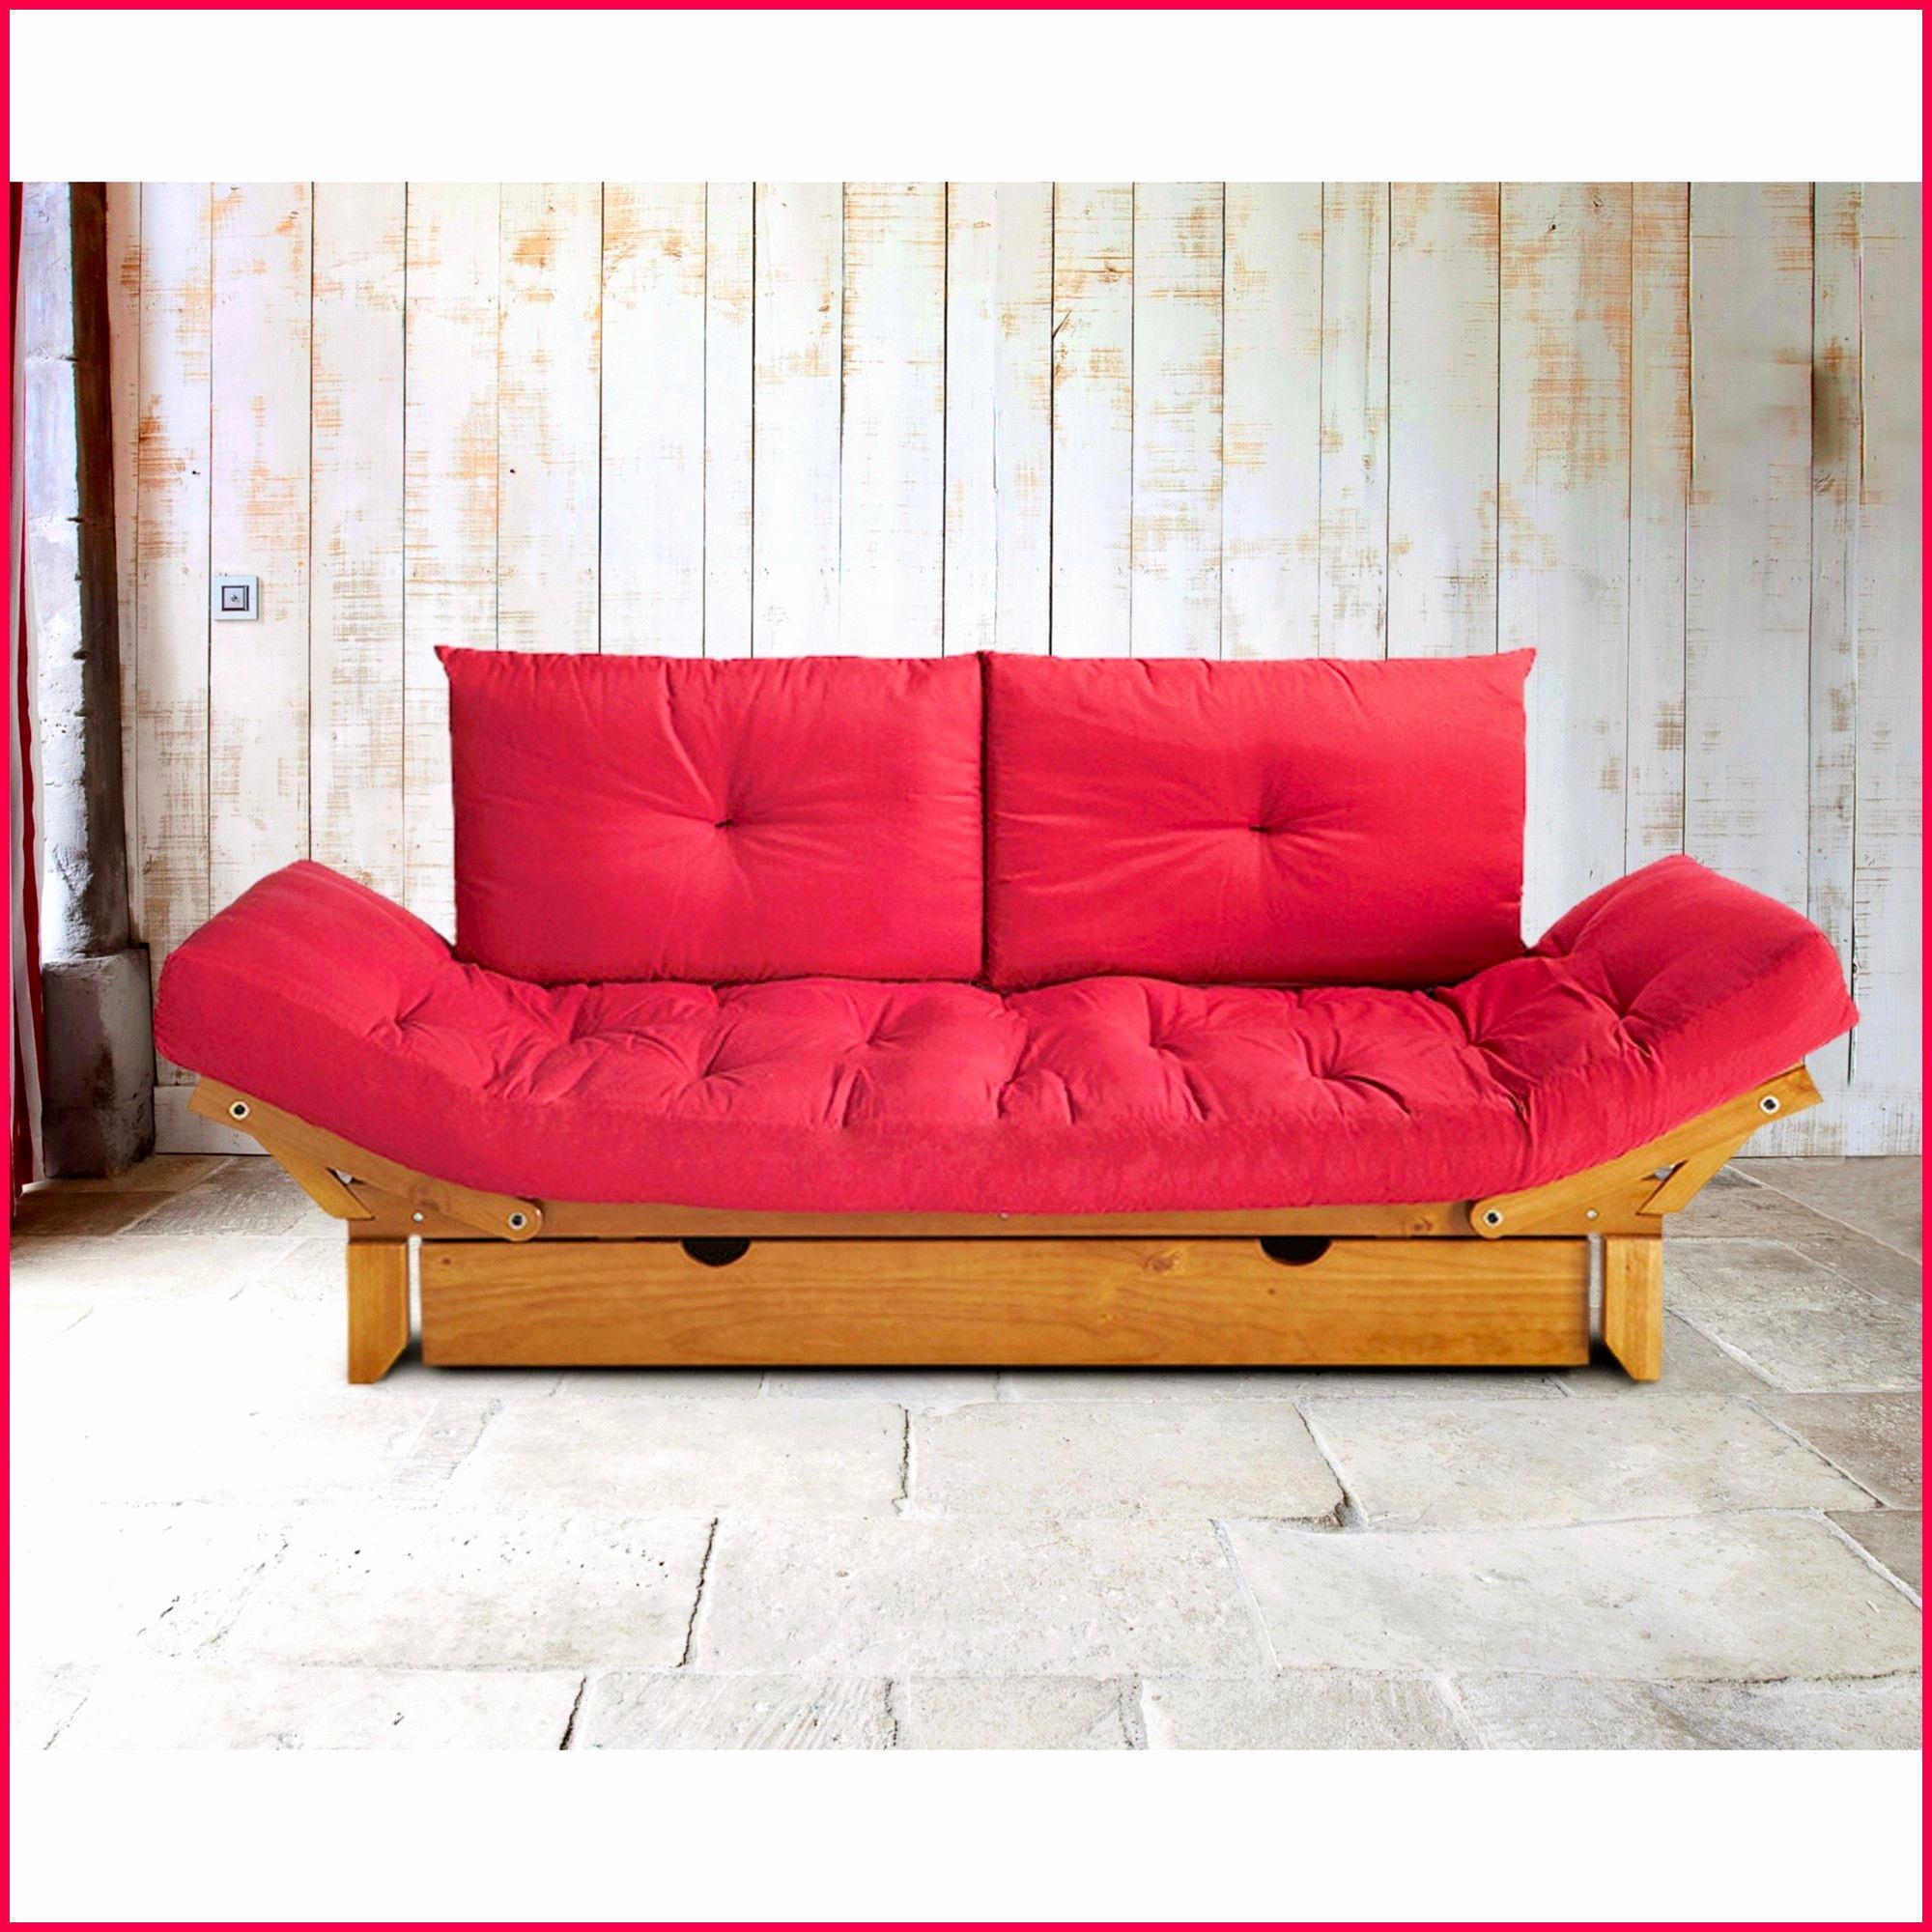 Canape Tissu Ikea Inspirant Collection Bz Ikea 2 Places élégant Bz Futon Best Matelas Banquette Bz Meilleur